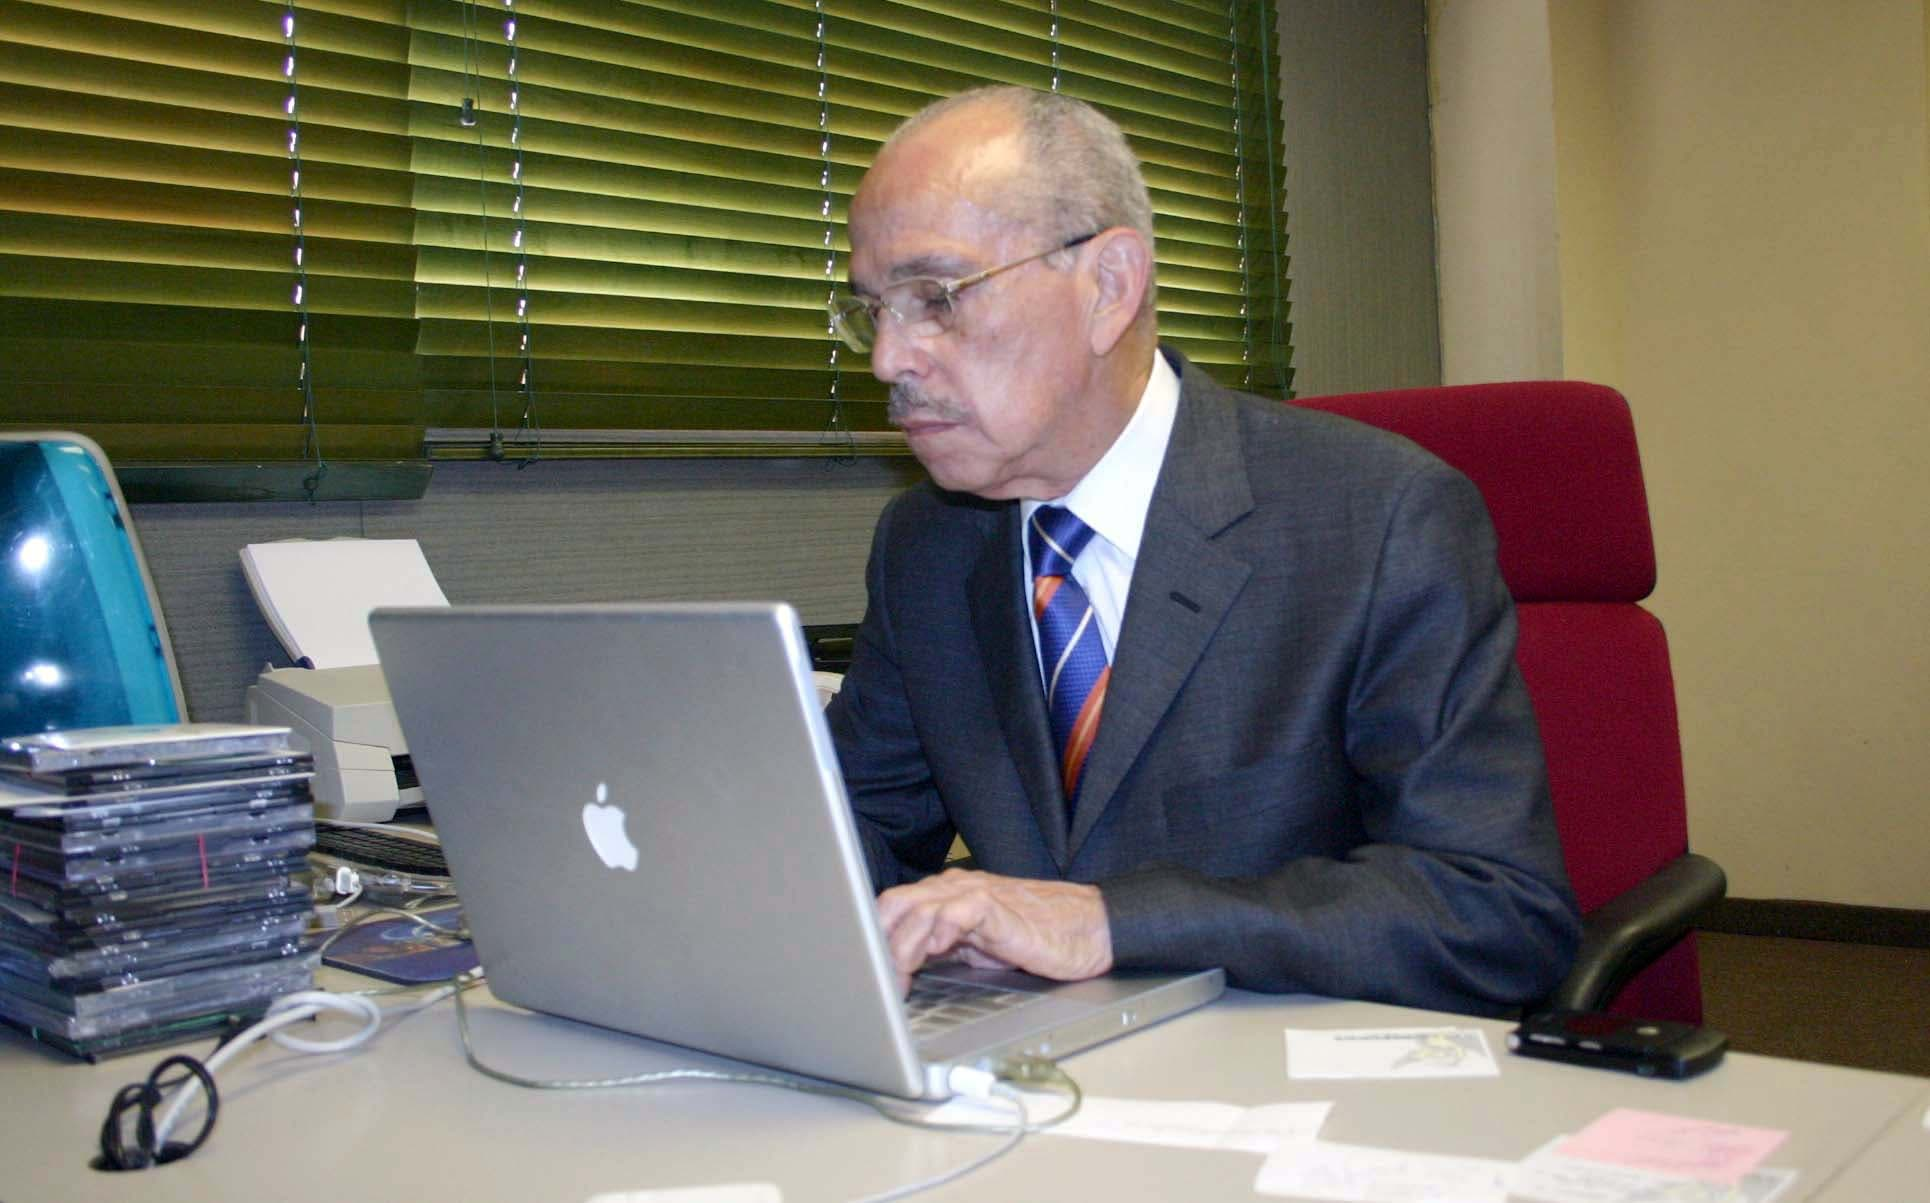 El doctor Molina Morillo fue un periodista que además de cumplir el deber de informar y orientar al pueblo,  procuró  la hondura y la trascendencia con  textos que van más allá de las páginas de los diarios.